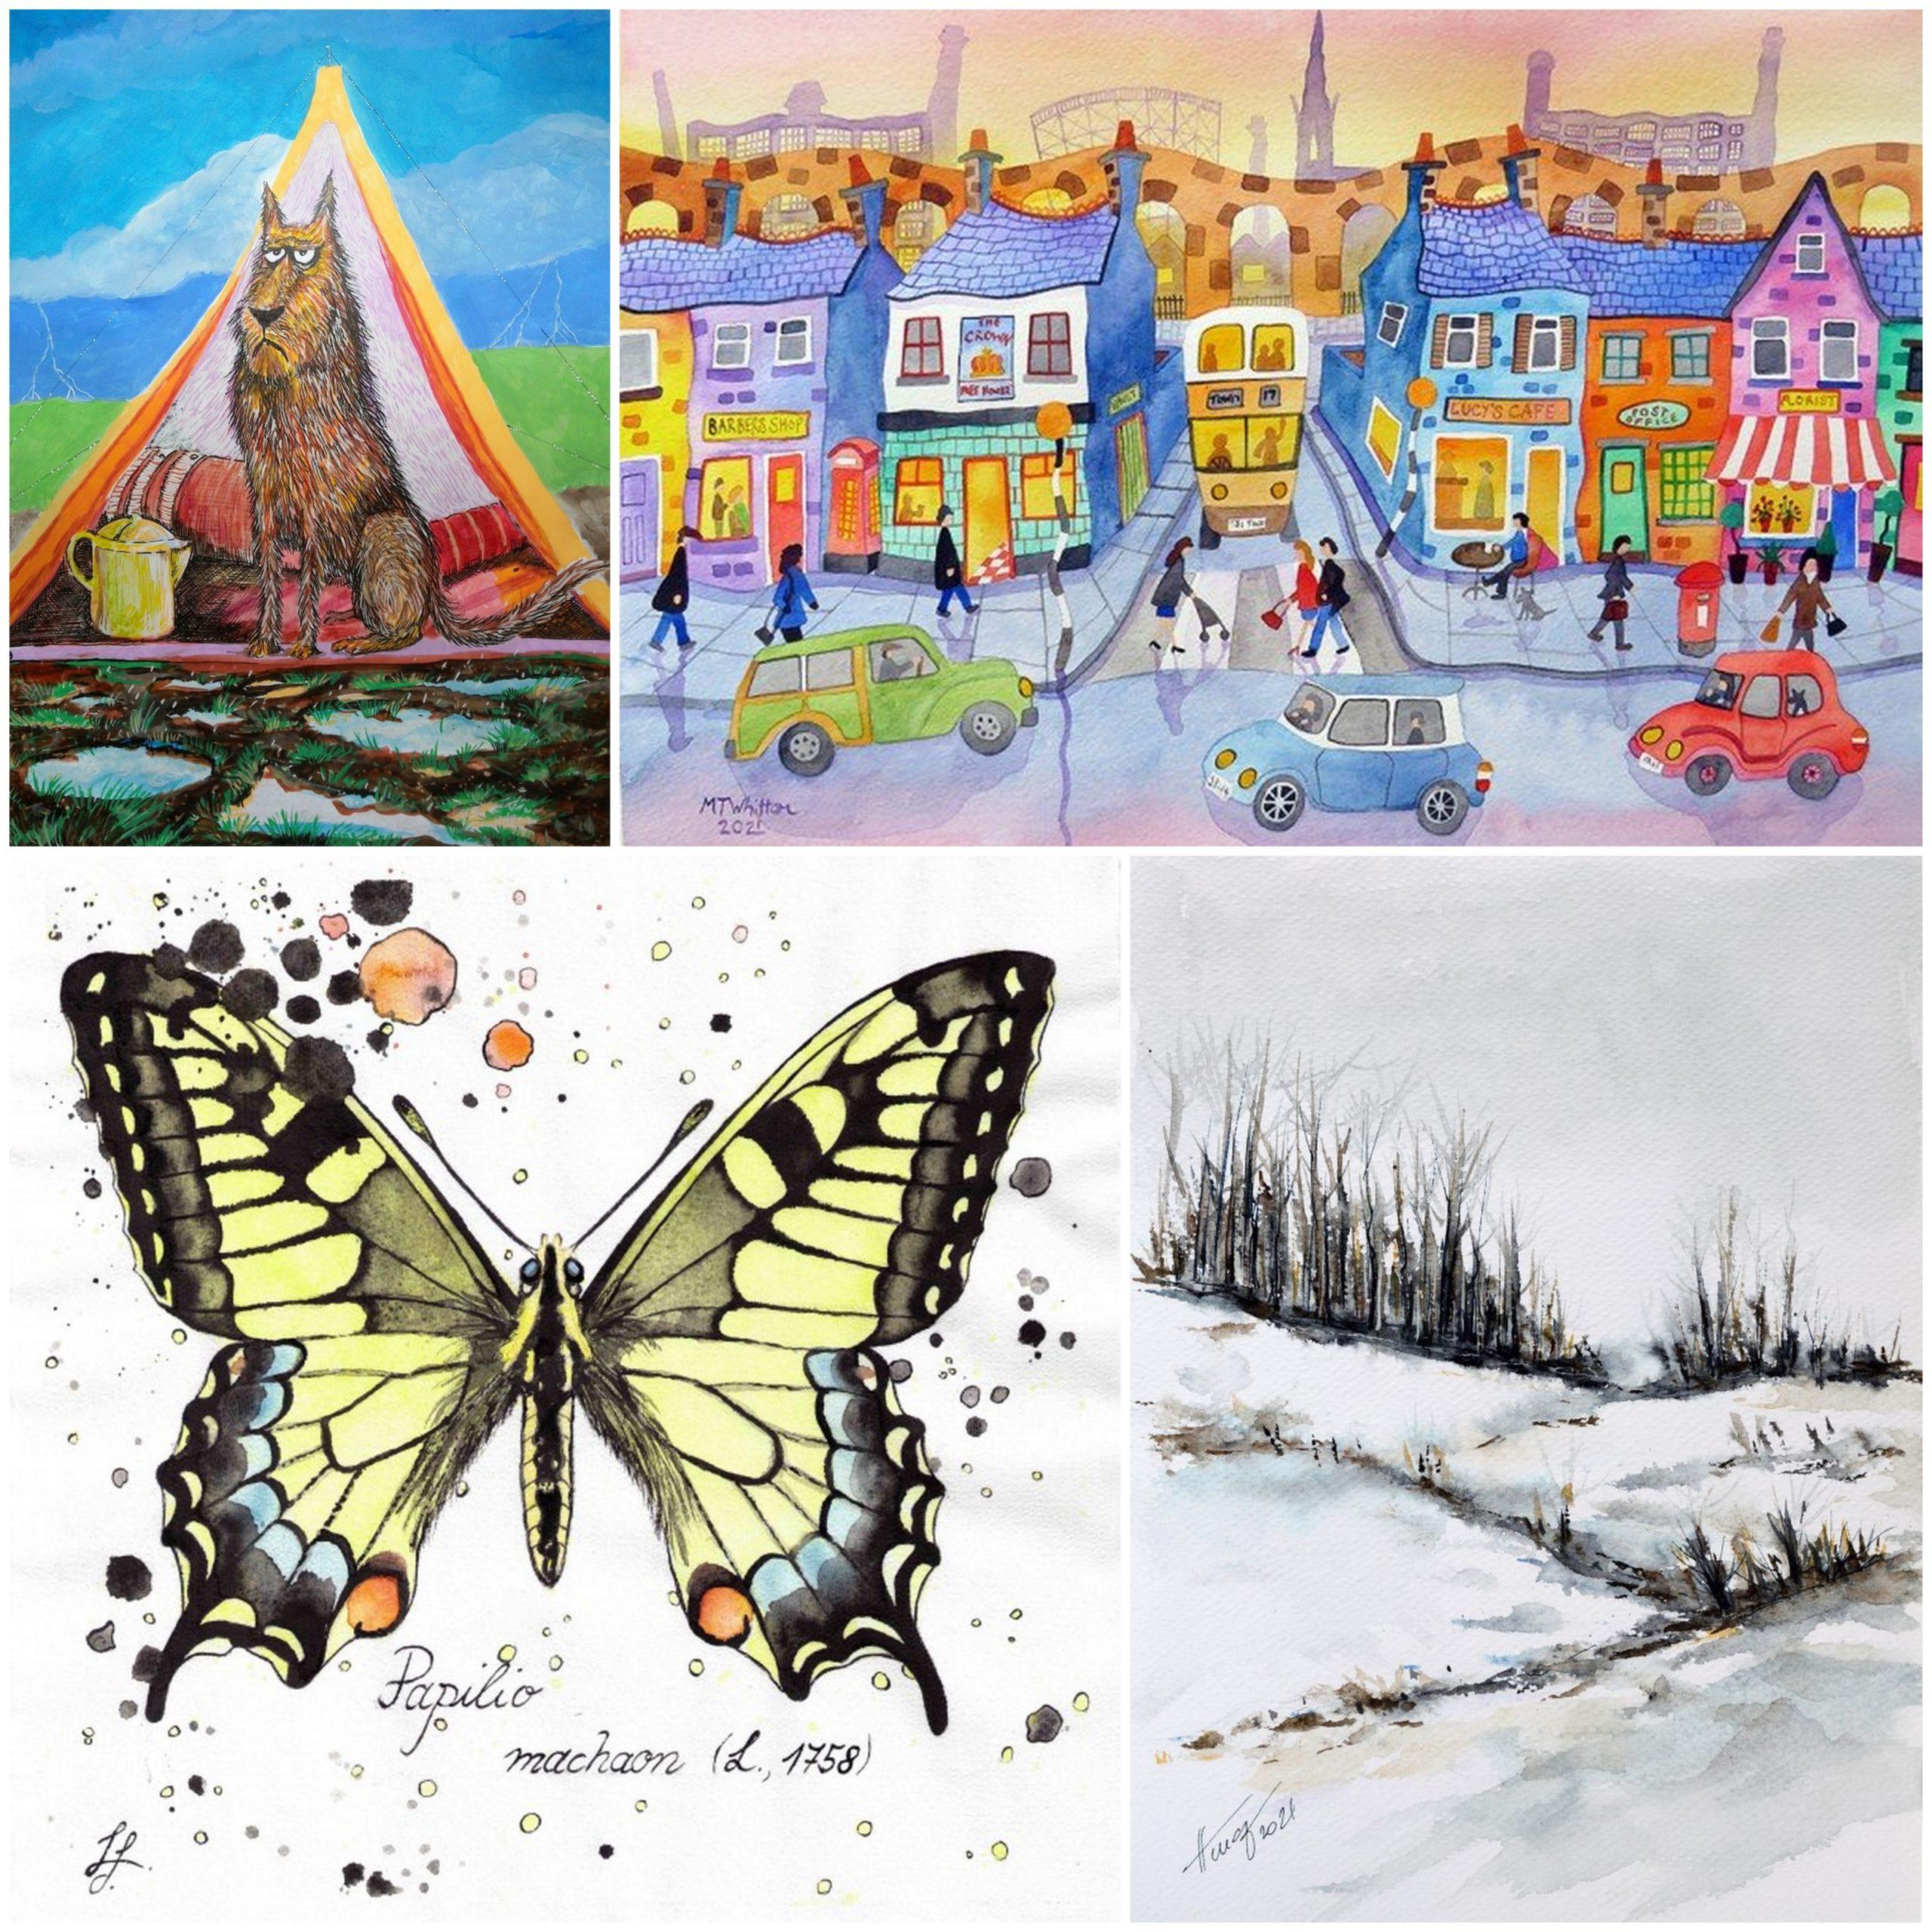 Illustration at Art2Arts gallery